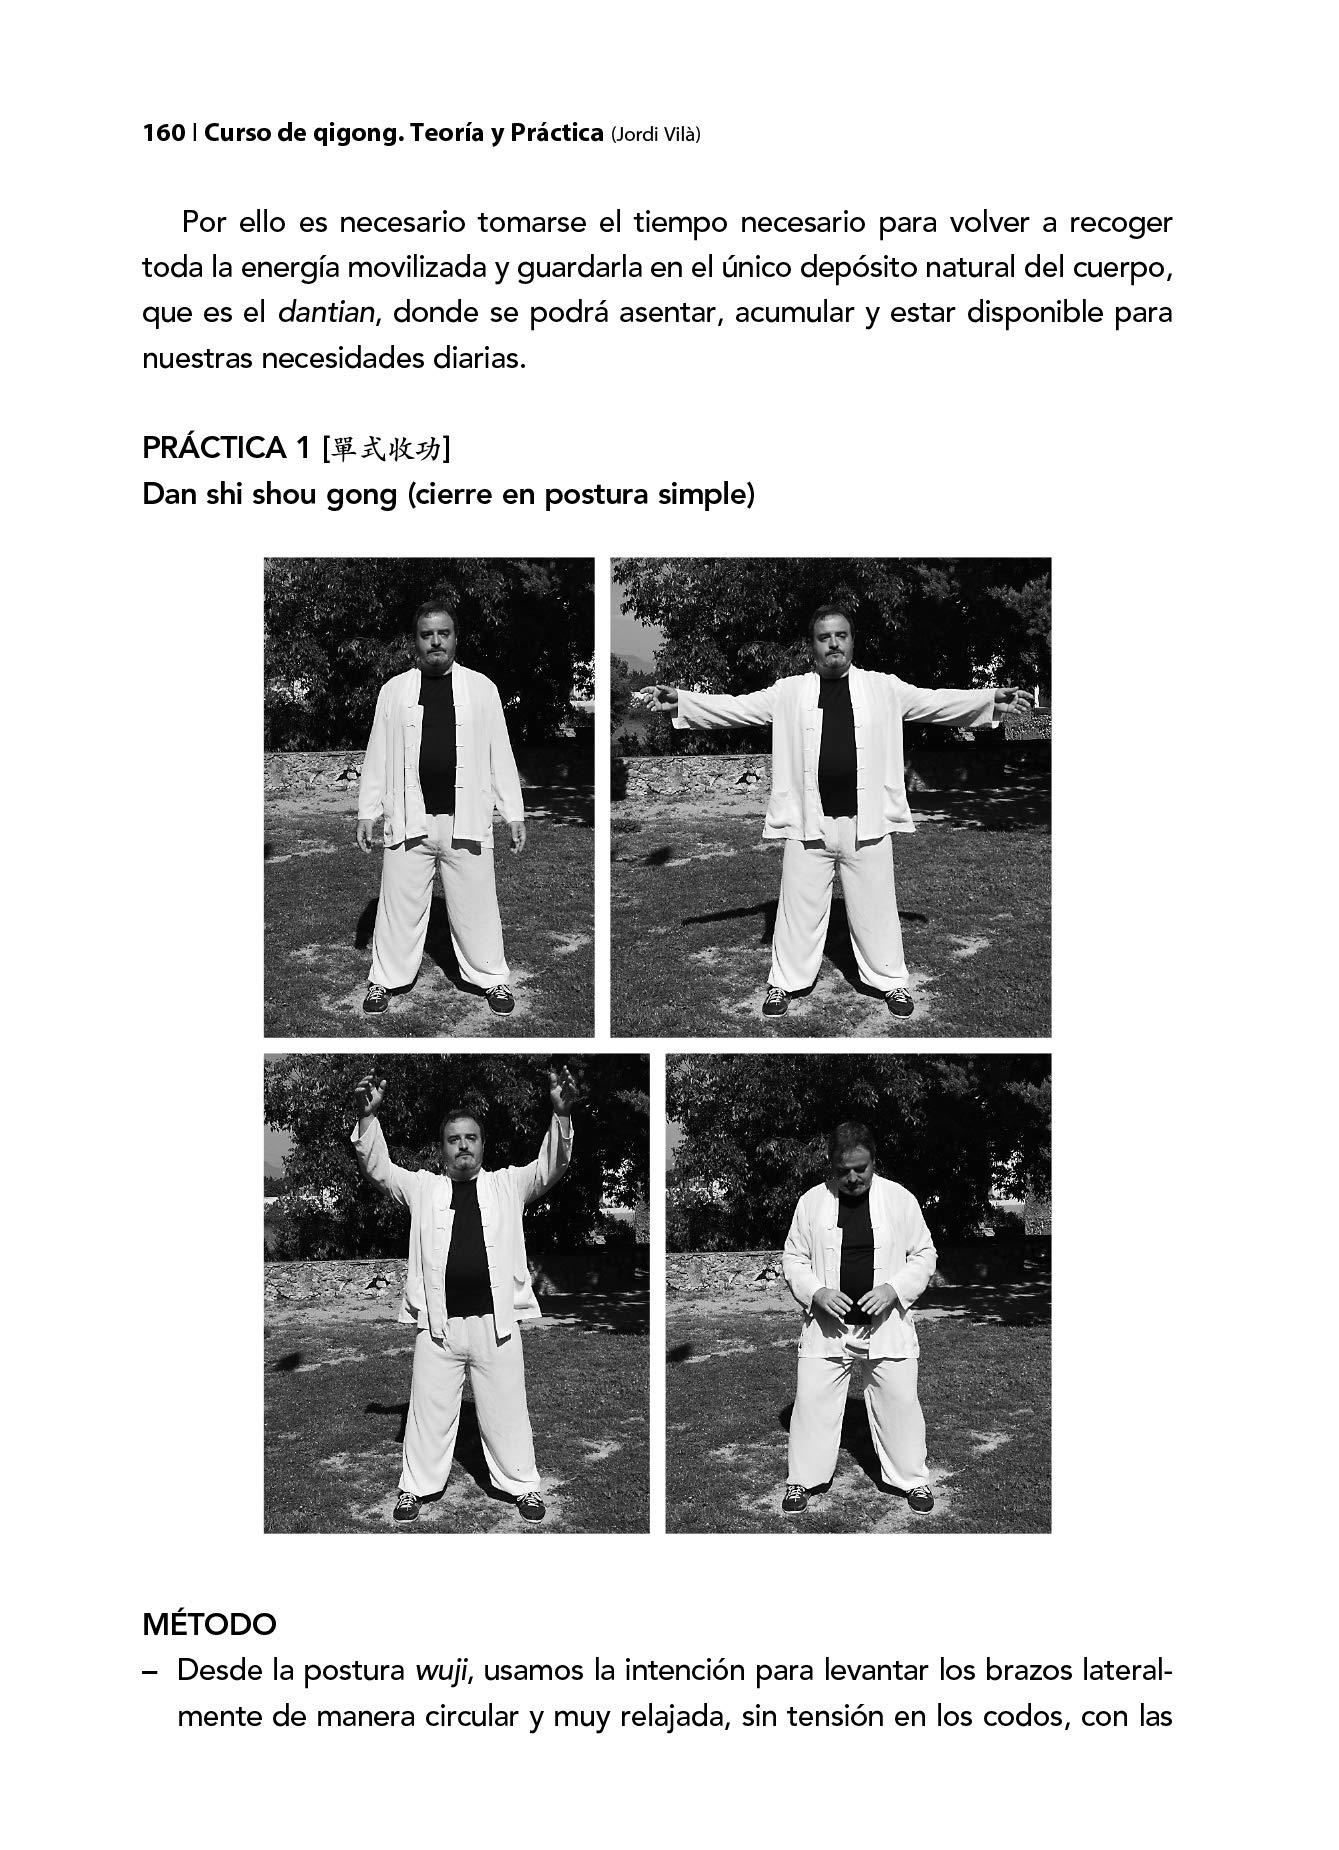 CURSO DE QIGONG. TEORÍA Y PRÁCTICA. VOLUMEN 2: Jordi Vilà i Oliveras: 9788420305899: Amazon.com: Books